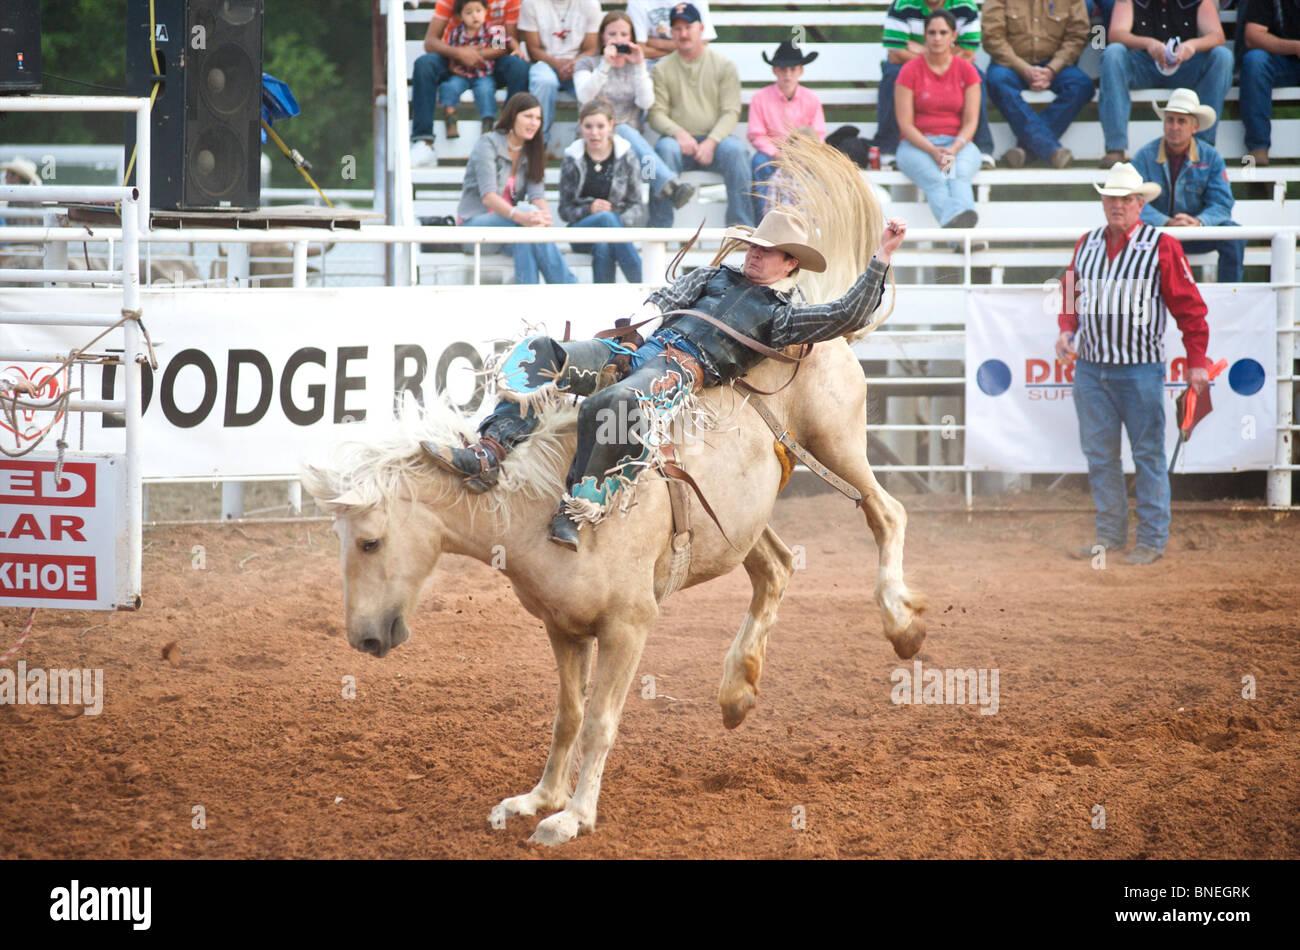 Lancer cheval Rodeo Cowboy membre de l'érythroblastopénie à partir de son retour à Petite-ville Texas, USA Banque D'Images